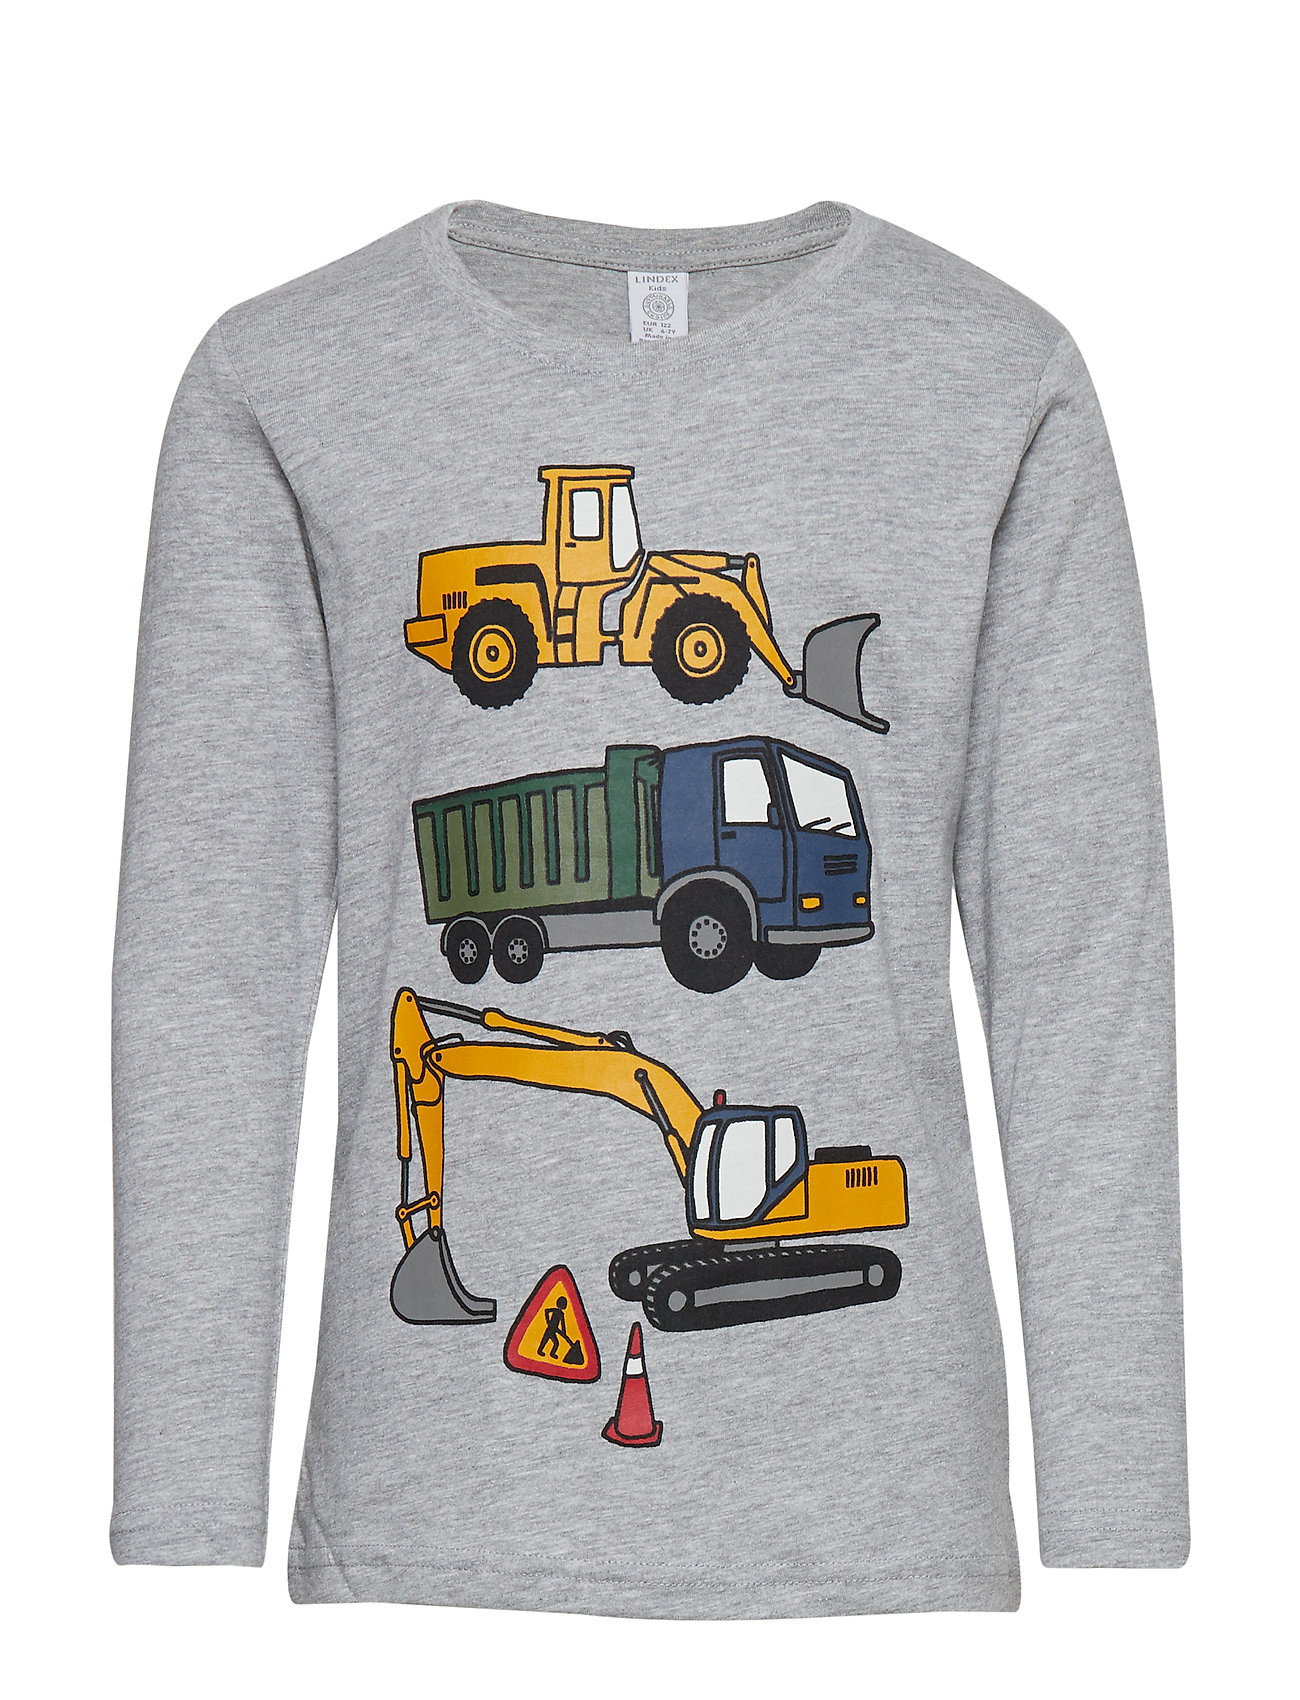 Lindex Grey melange top with vehicle print - GREY MELANGE